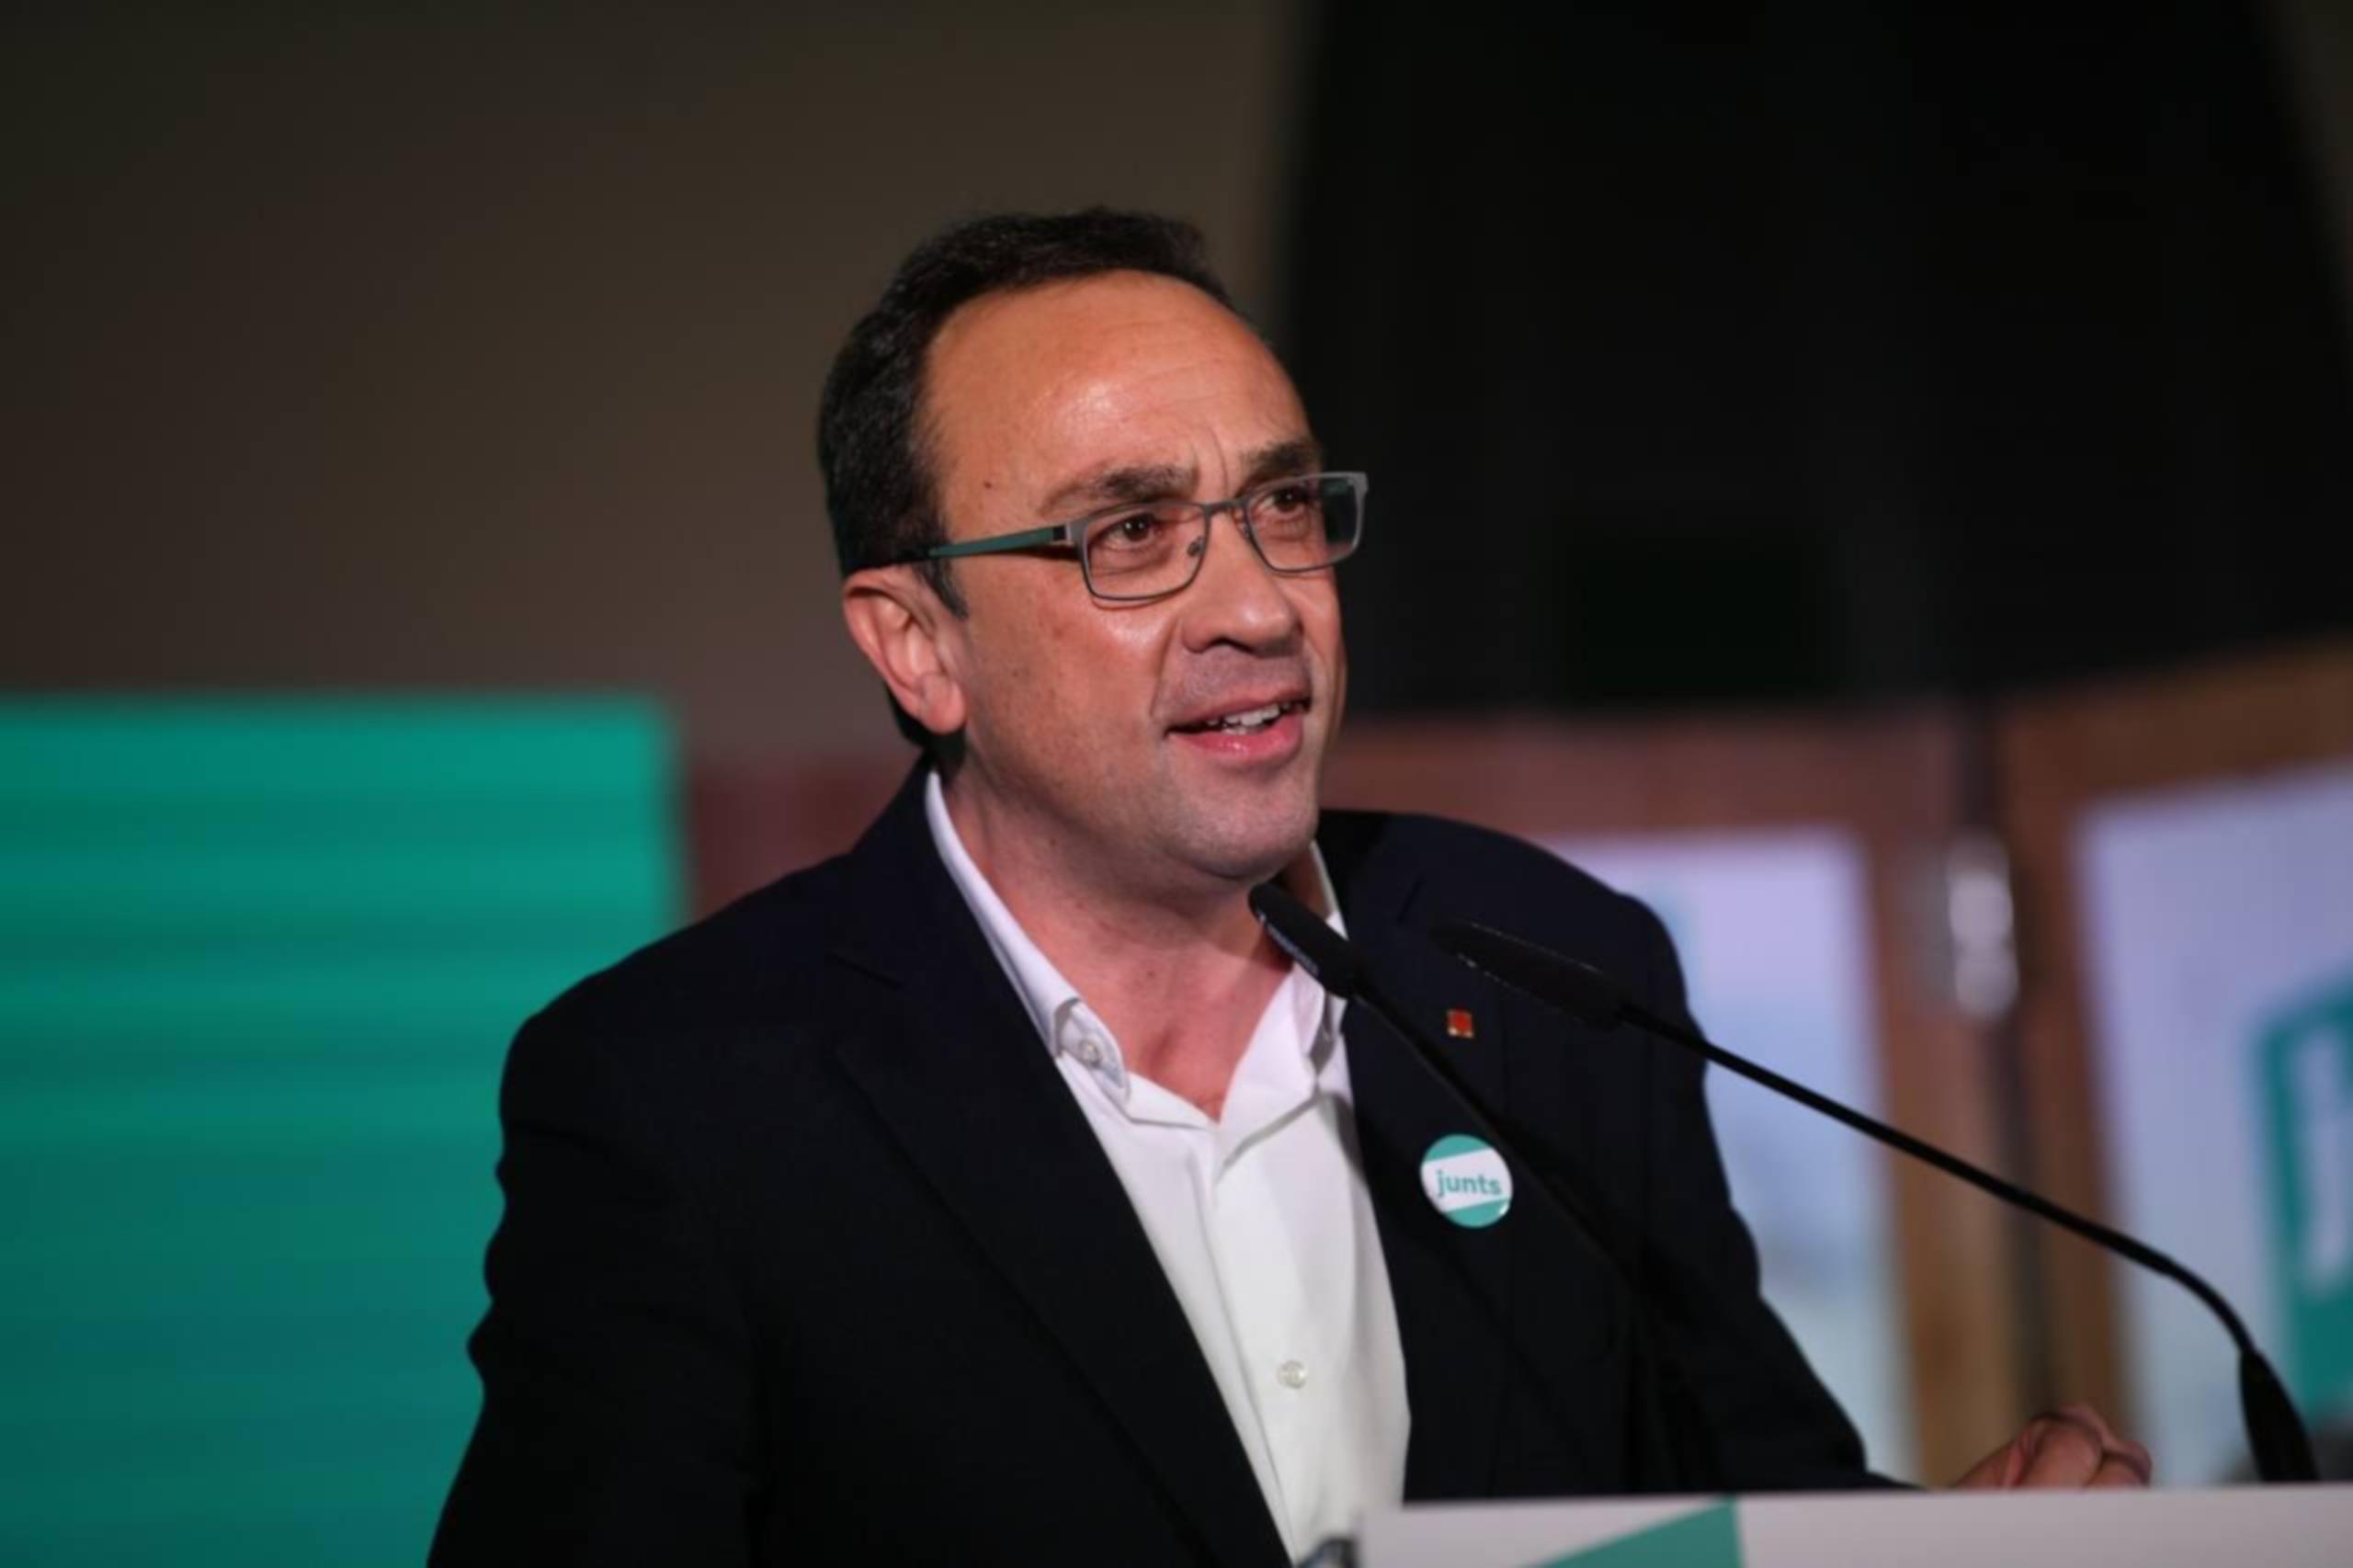 L'exconseller Josep Rull, durant l'acte de JxCat a Terrassa el 2 de febrer de 2021 / ACN